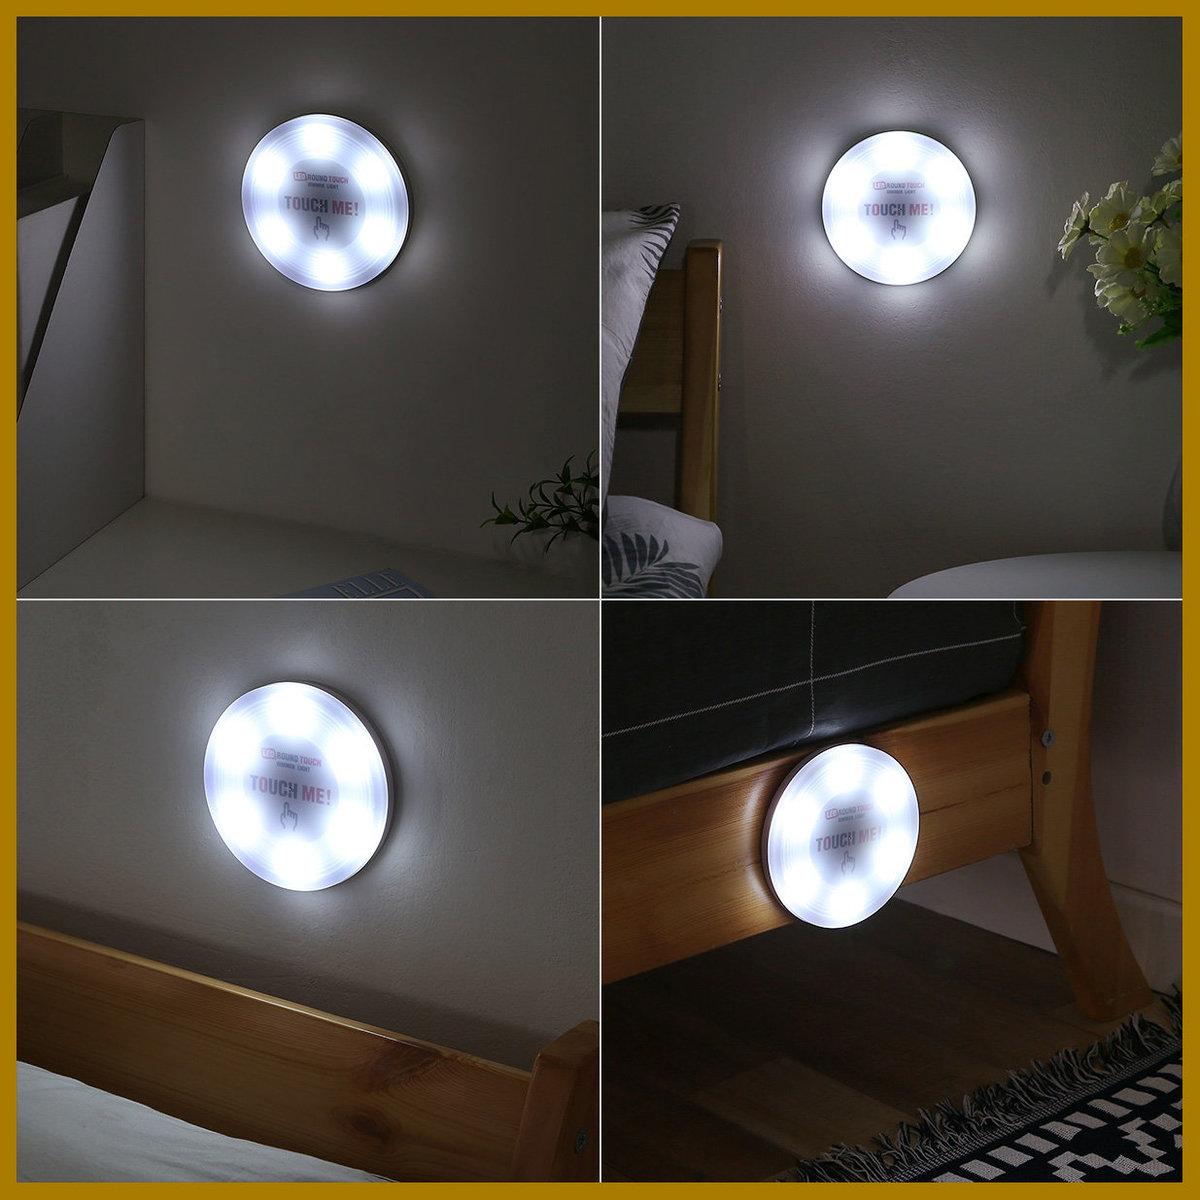 Smart Sensor LED Touch Light